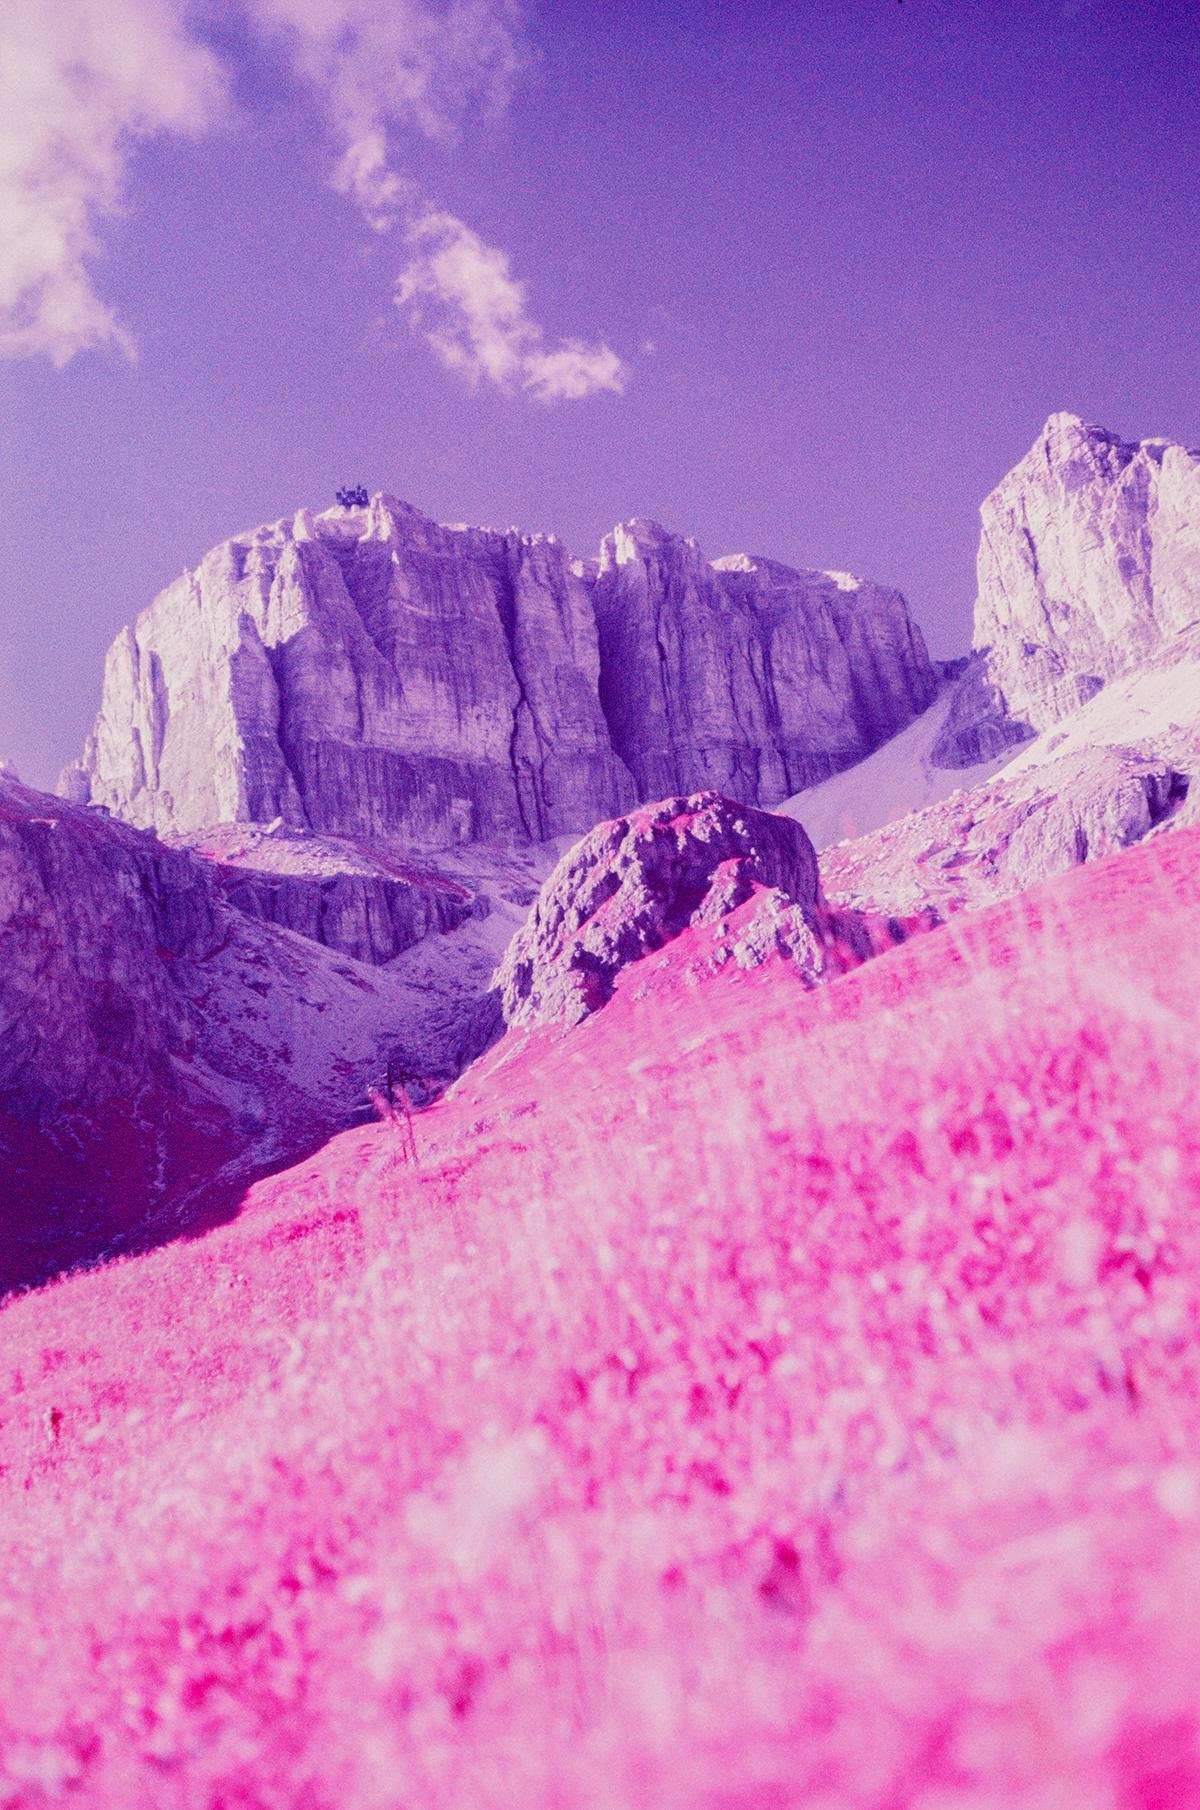 Dolomiti infrared Aerochrome dolomites mountains Landscape analog Film   35mm dolomitesininfrared